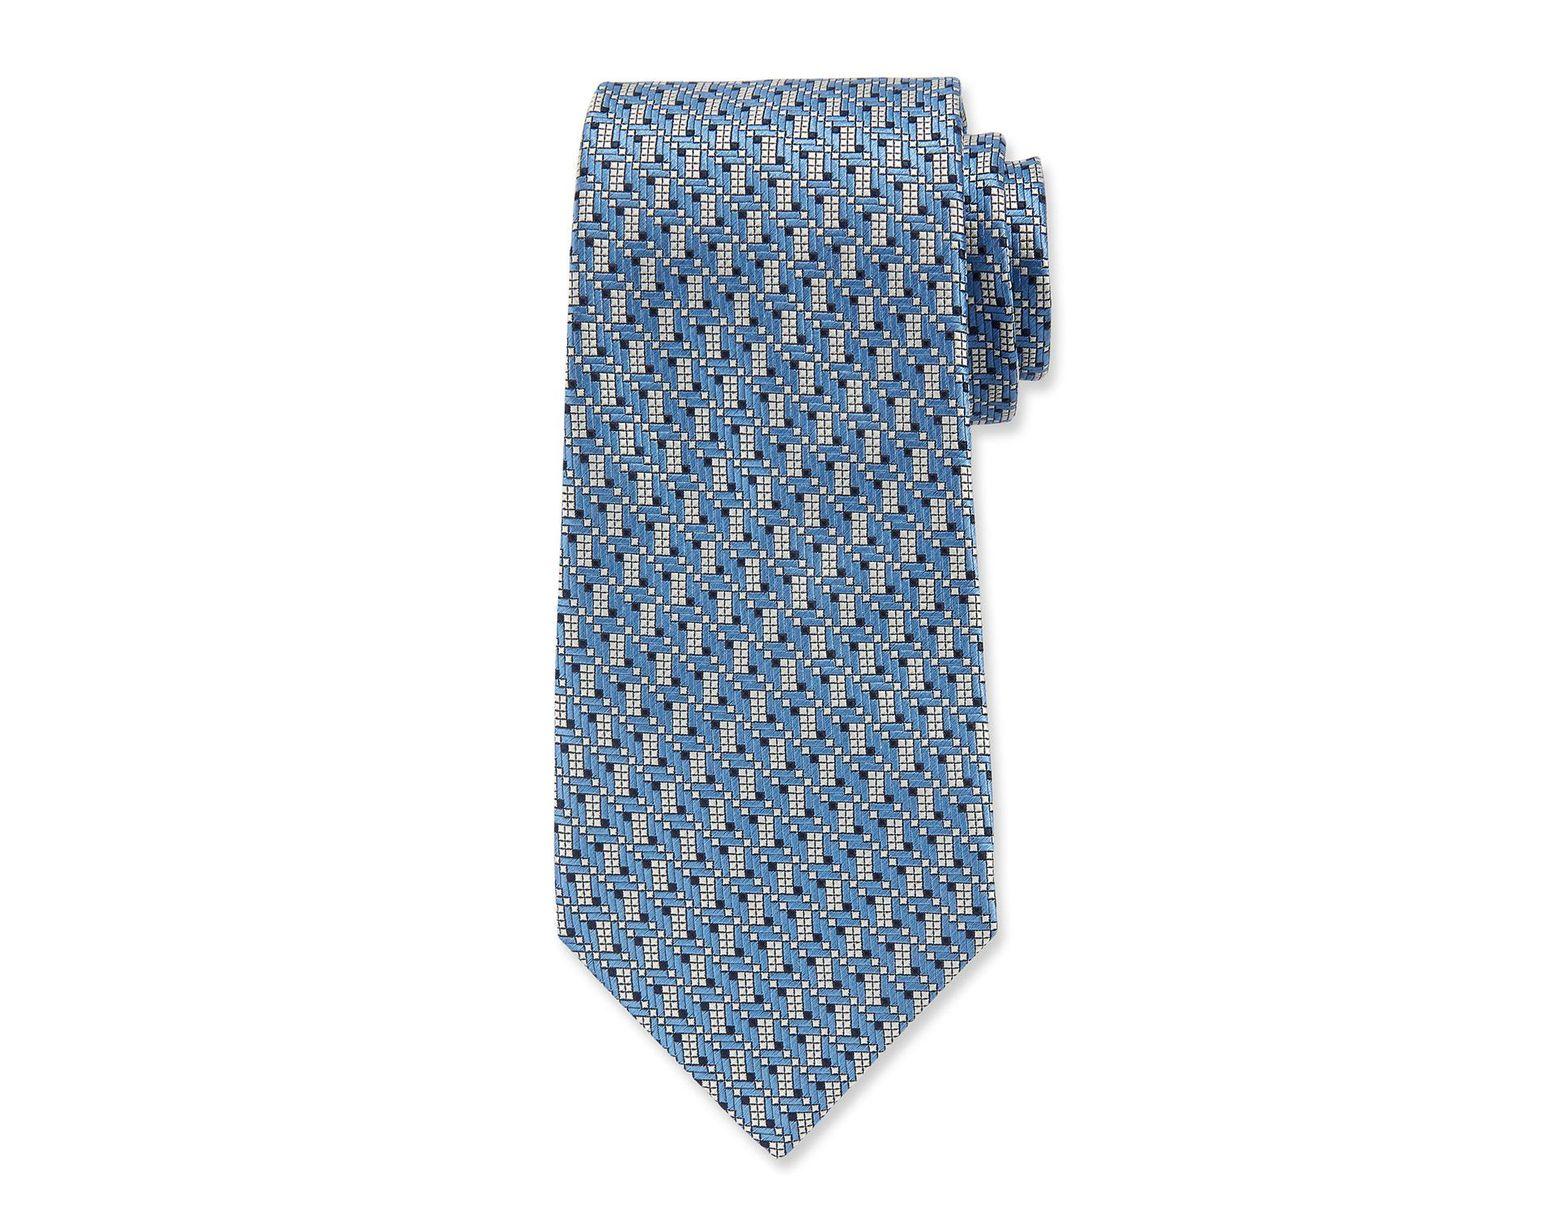 e2035c21 Blue Men's Silk Graphic Micro Tie